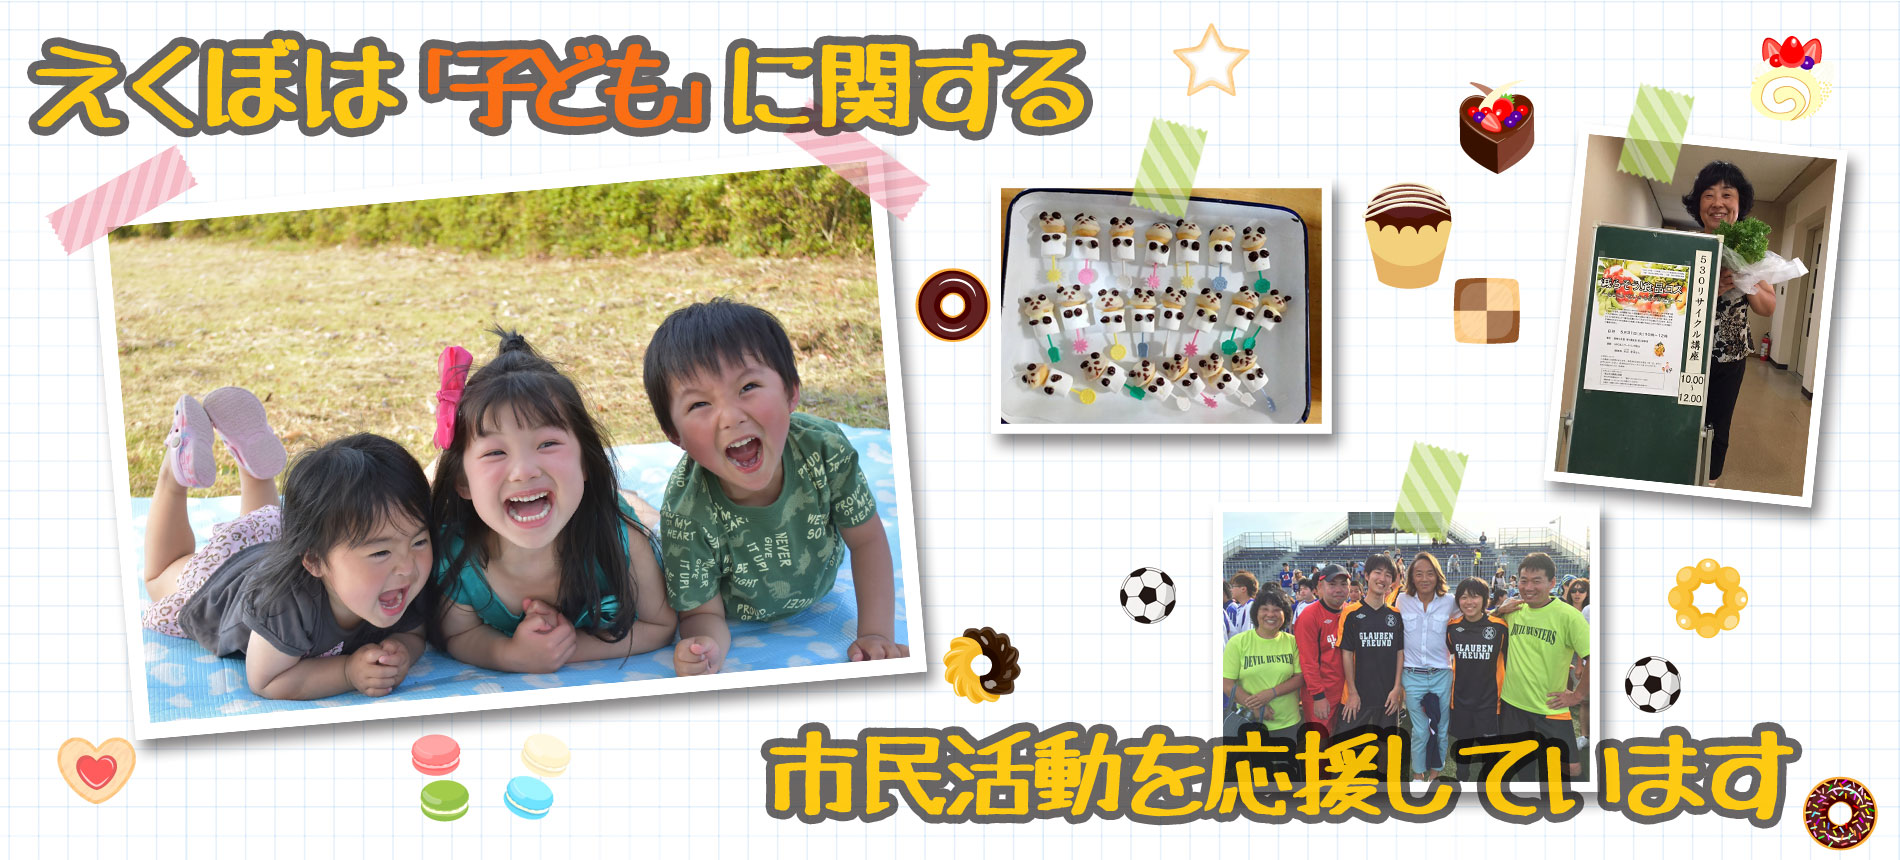 えくぼは子どもに関する市民活動を応援しています